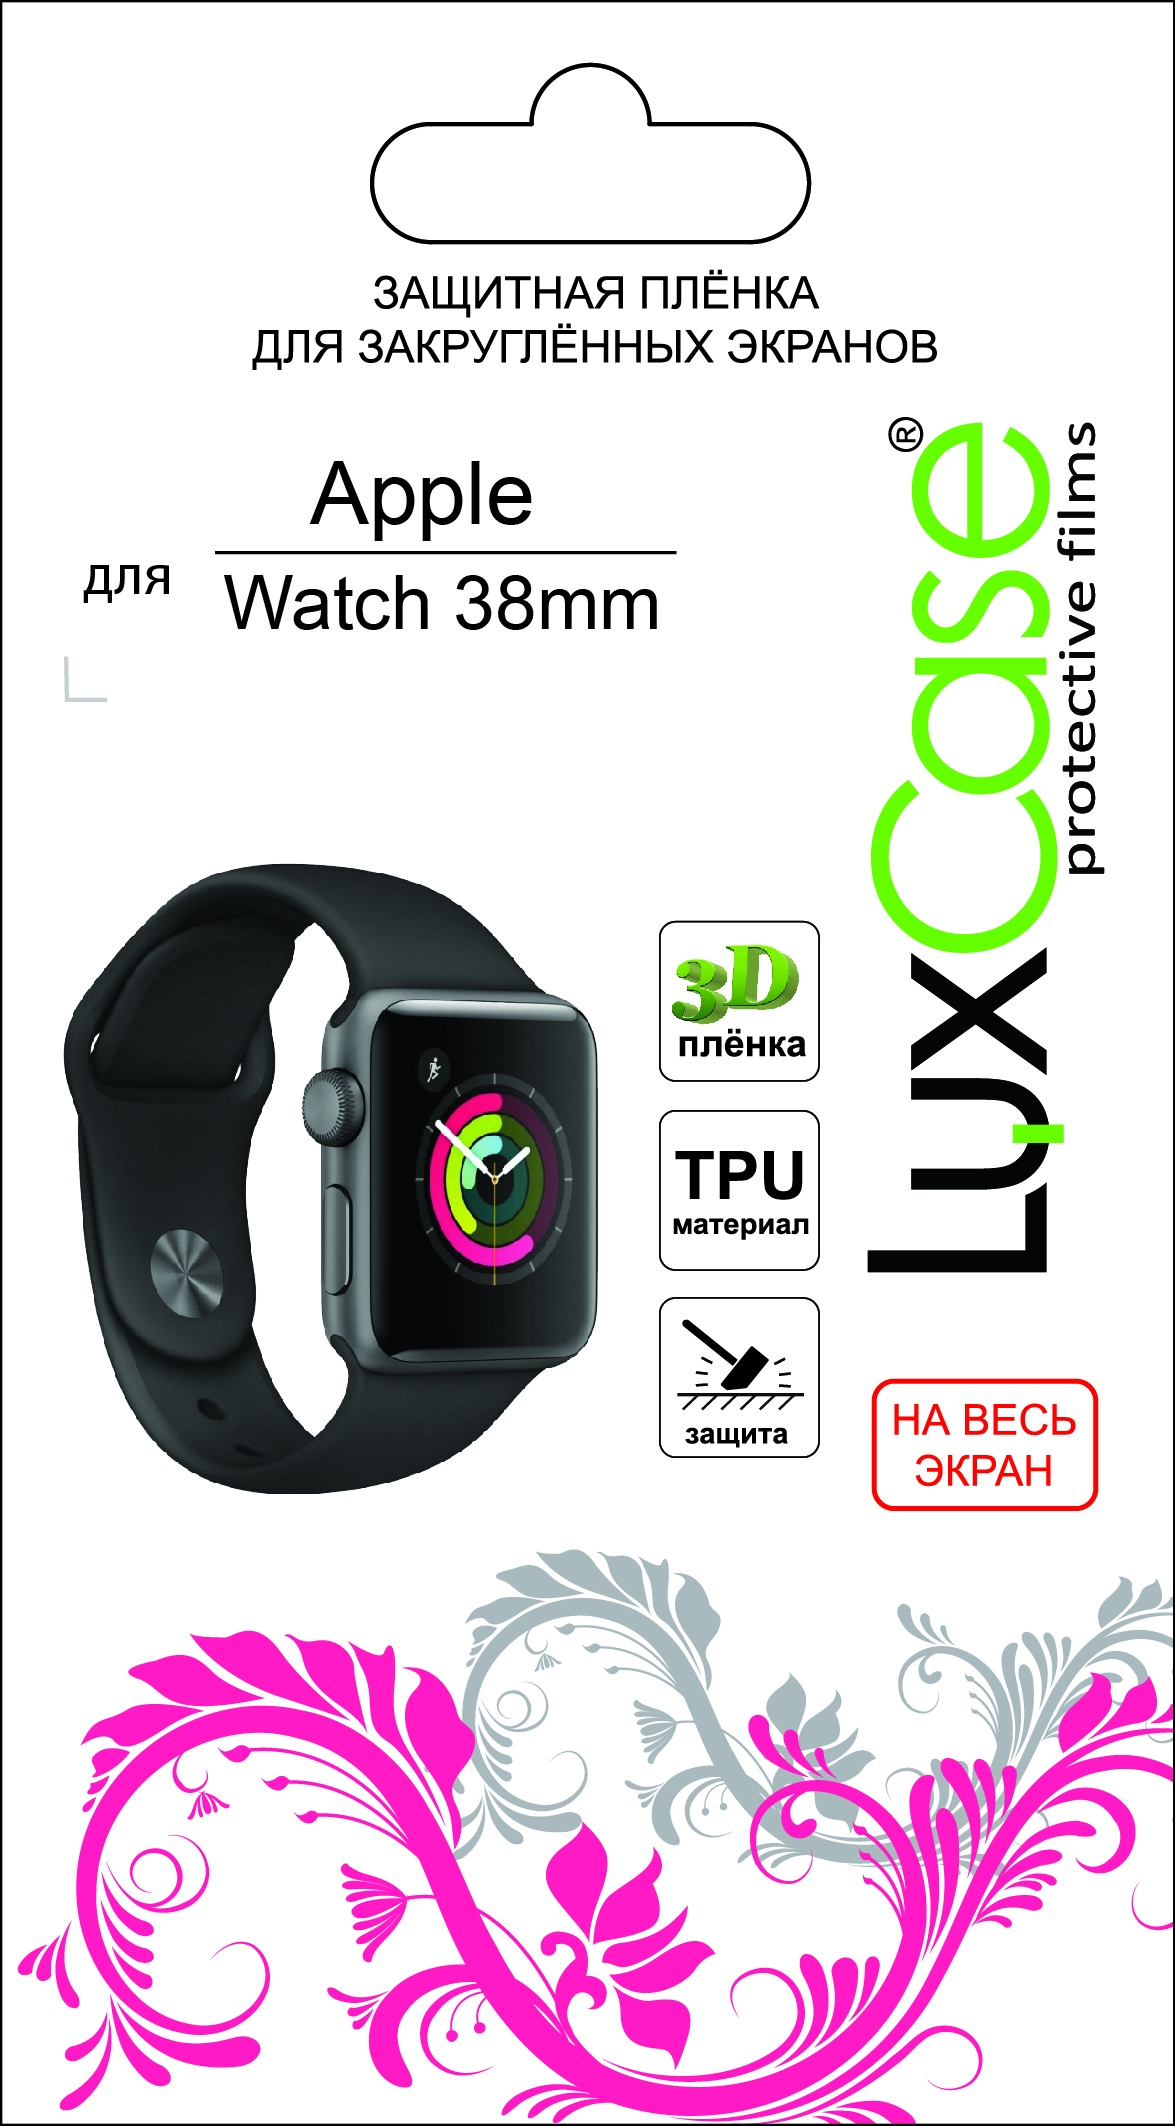 Пленка Apple Watch / глянцевая / 38 мм / все цены